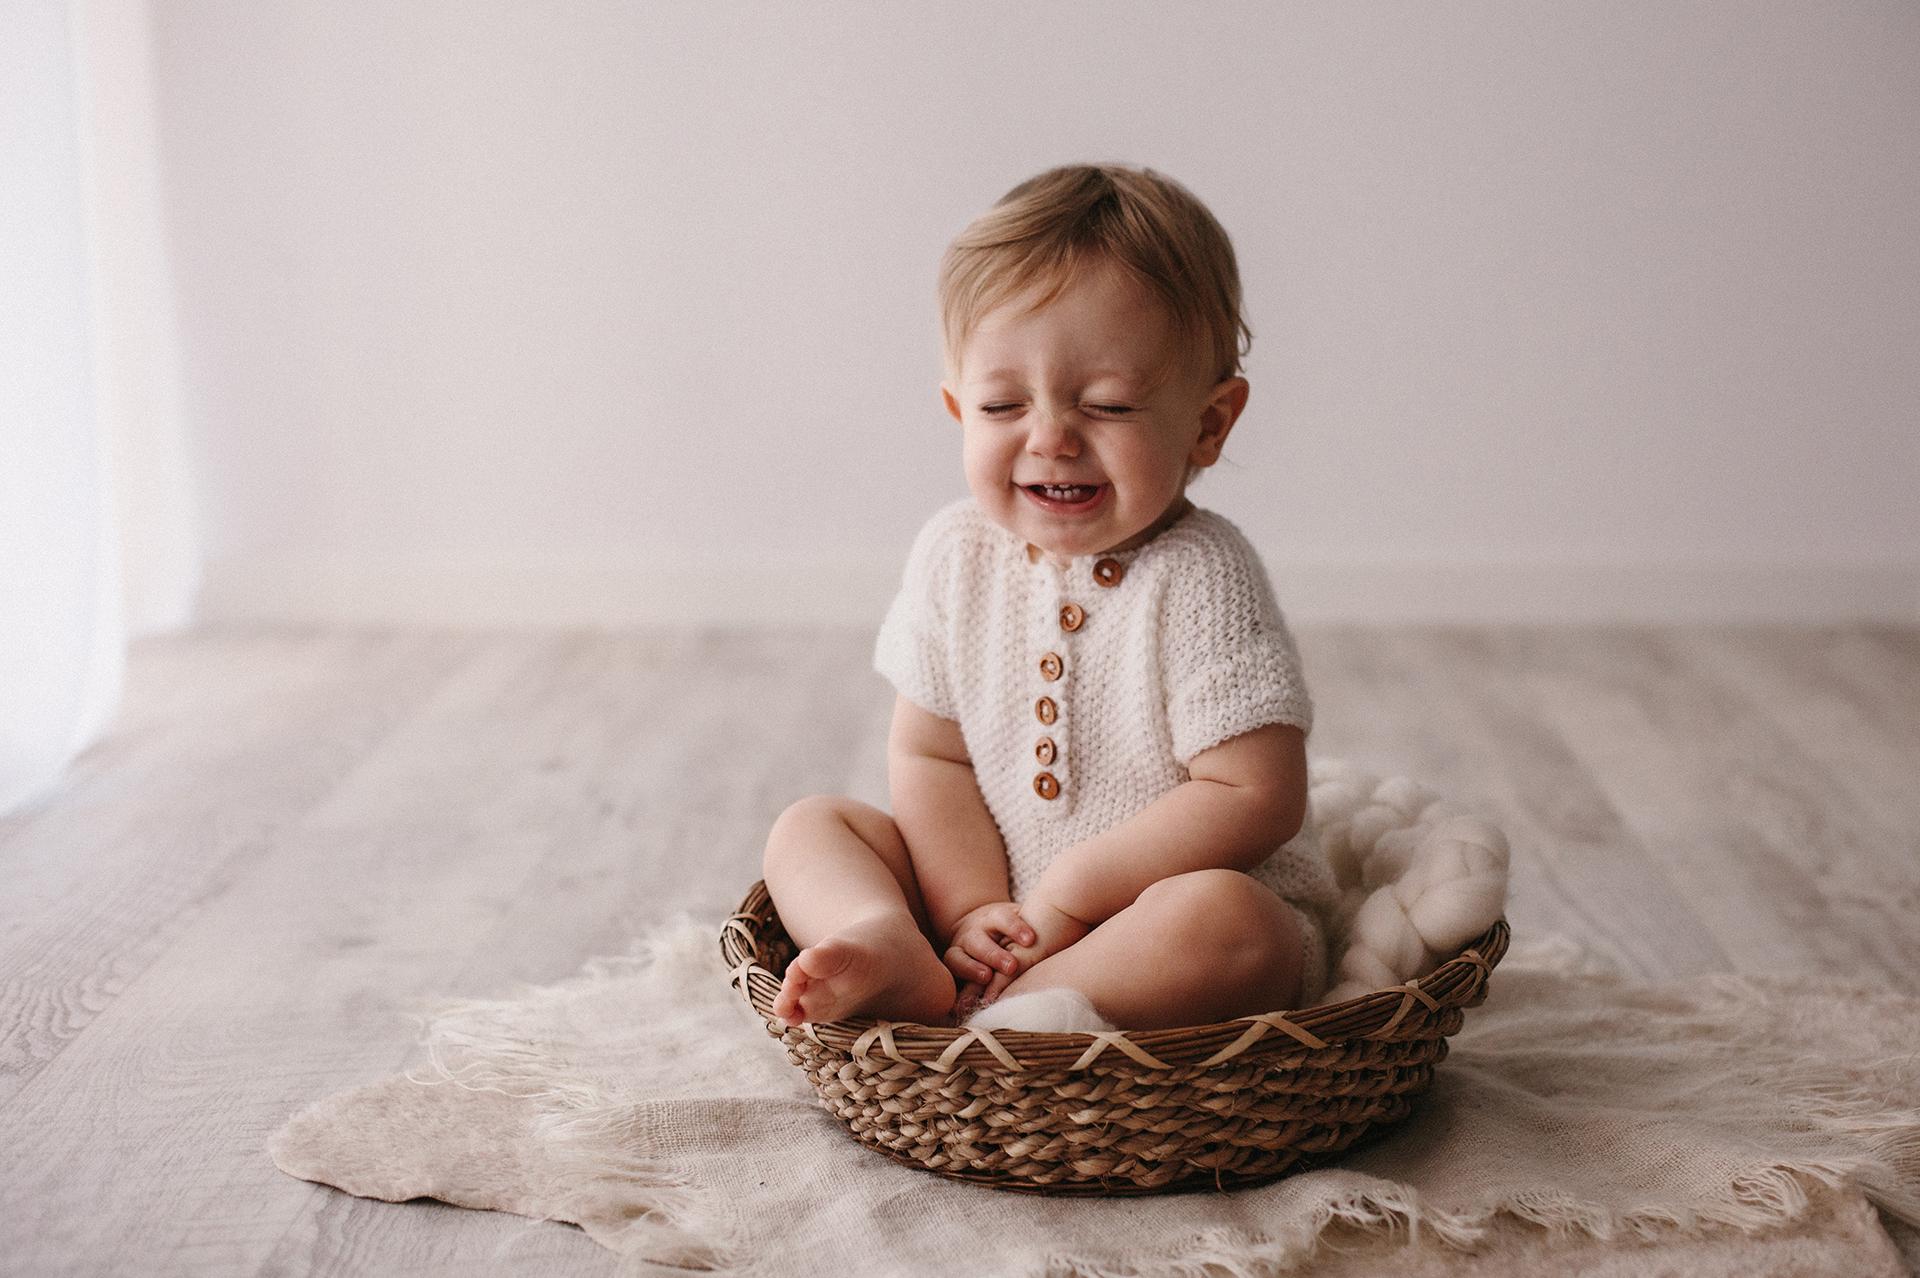 bebè ride nel cestino